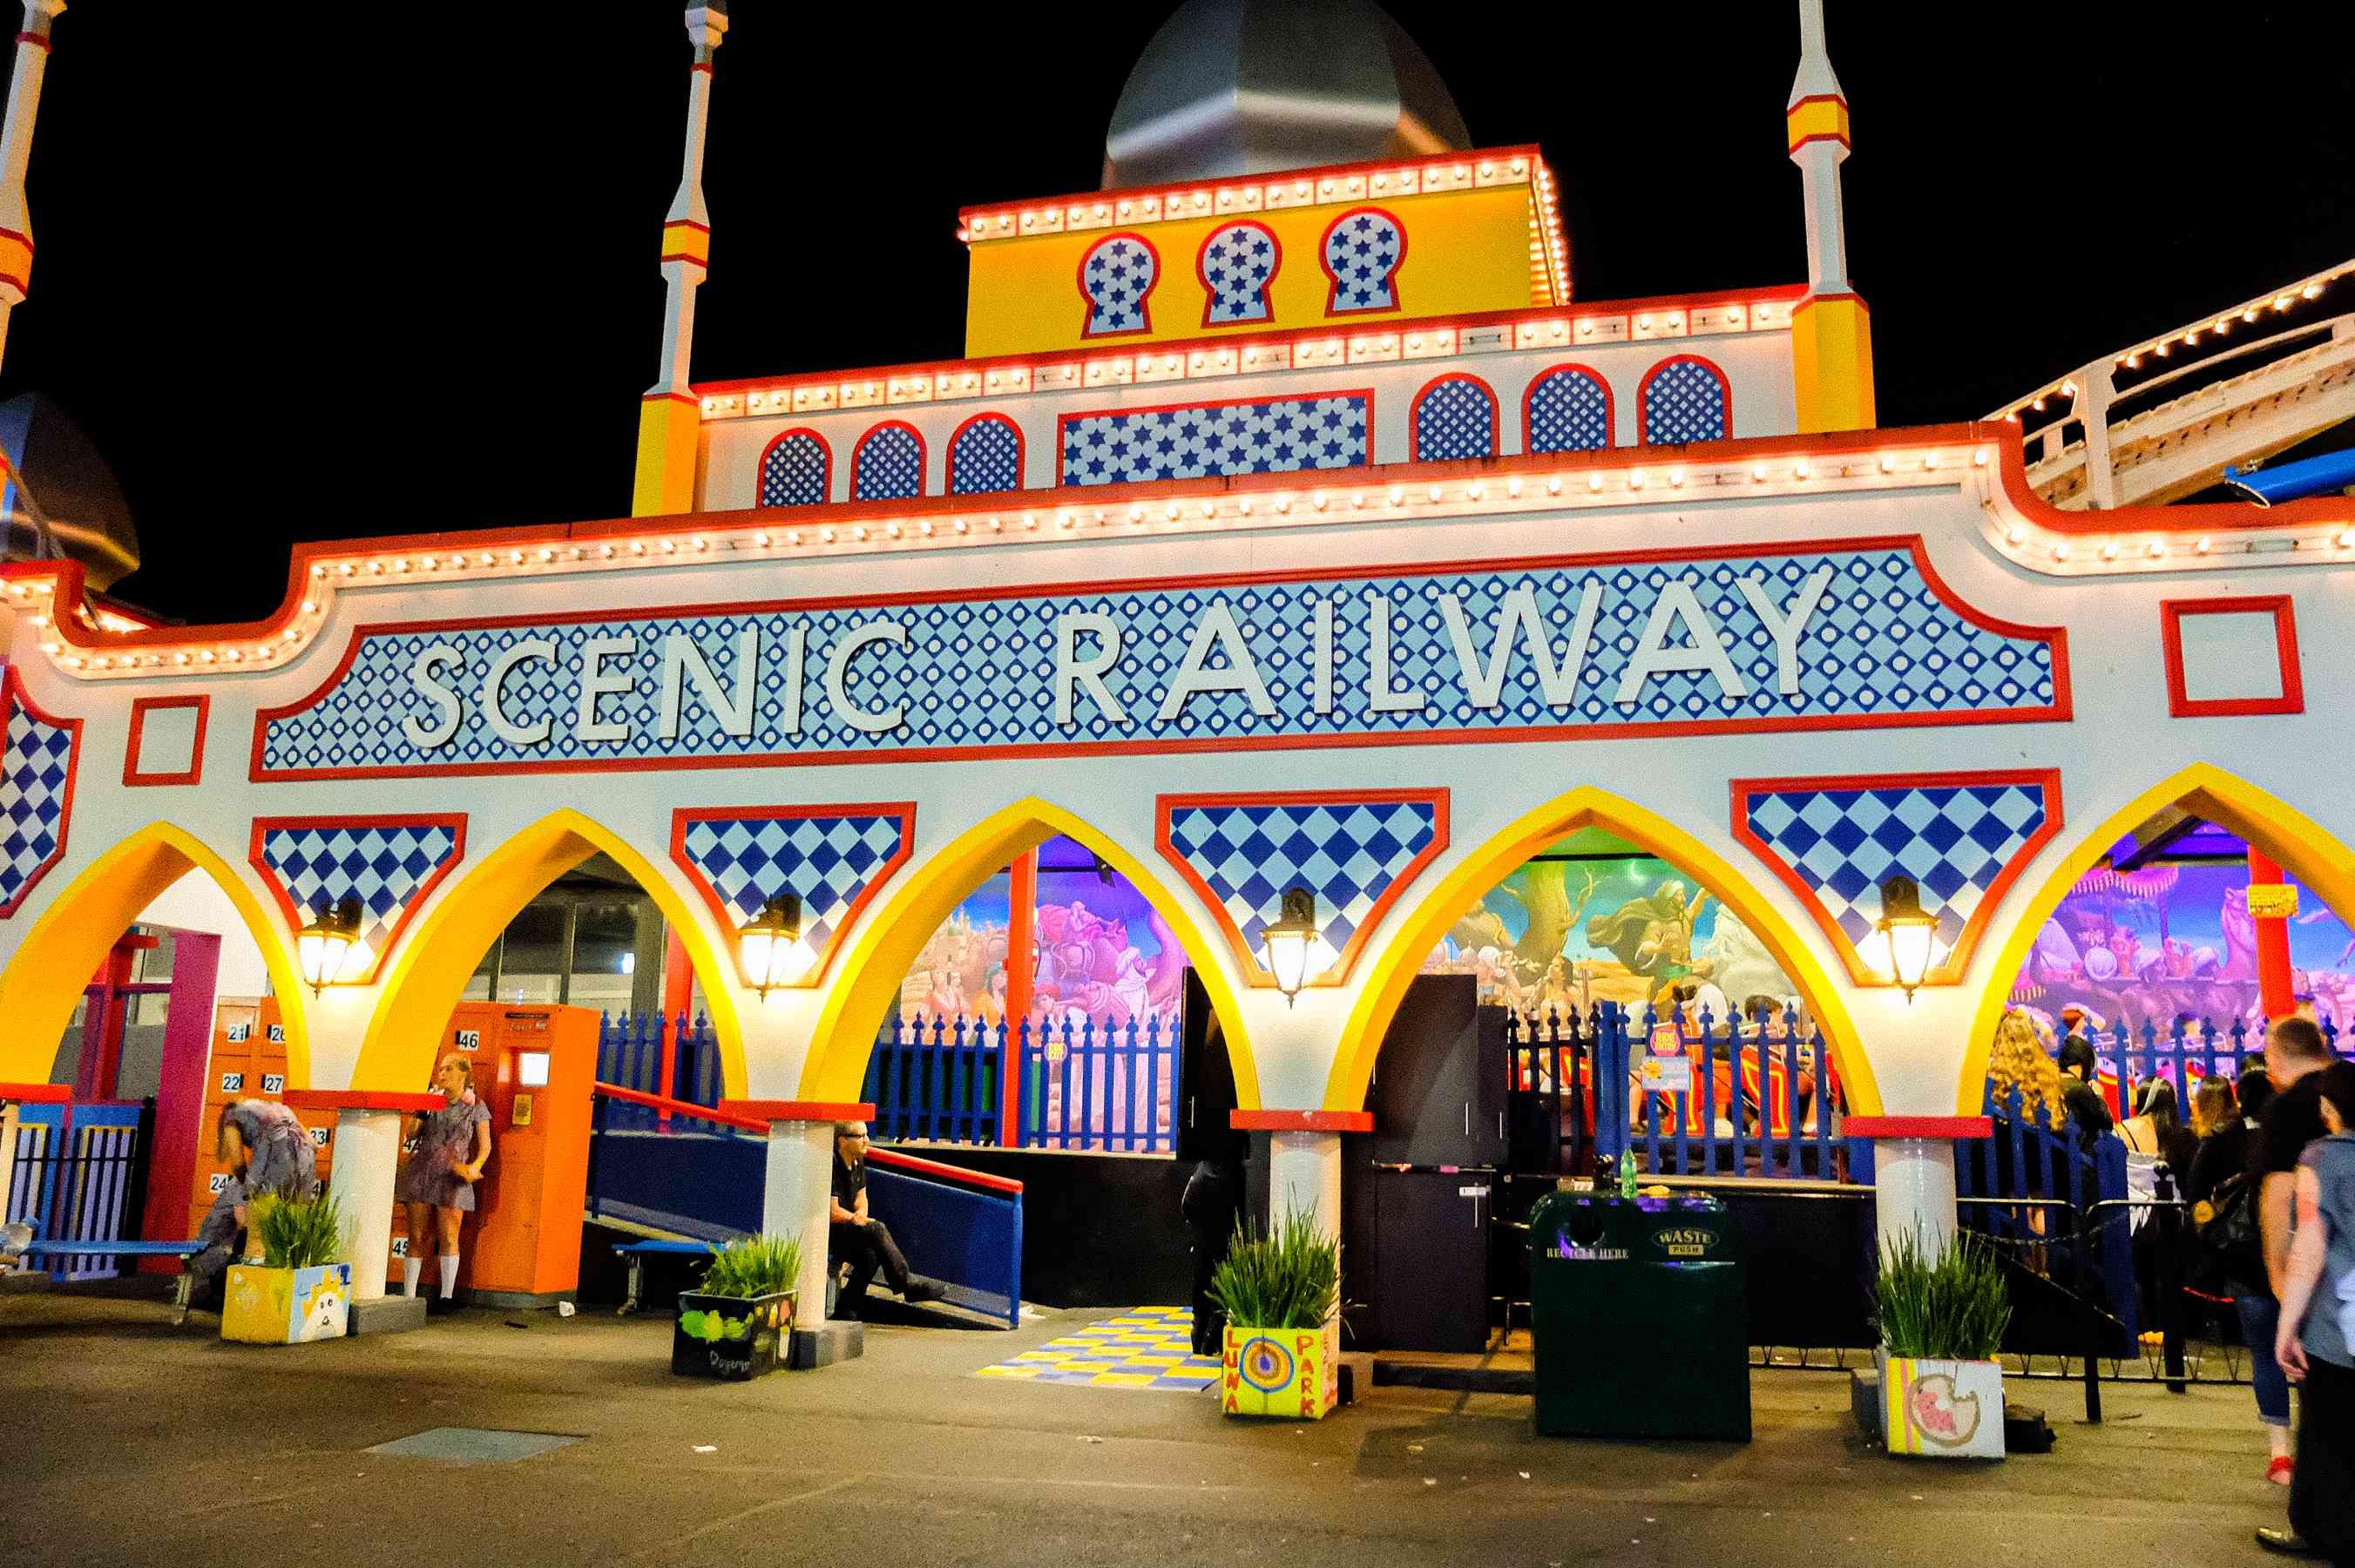 Luna park iluminado por la noche